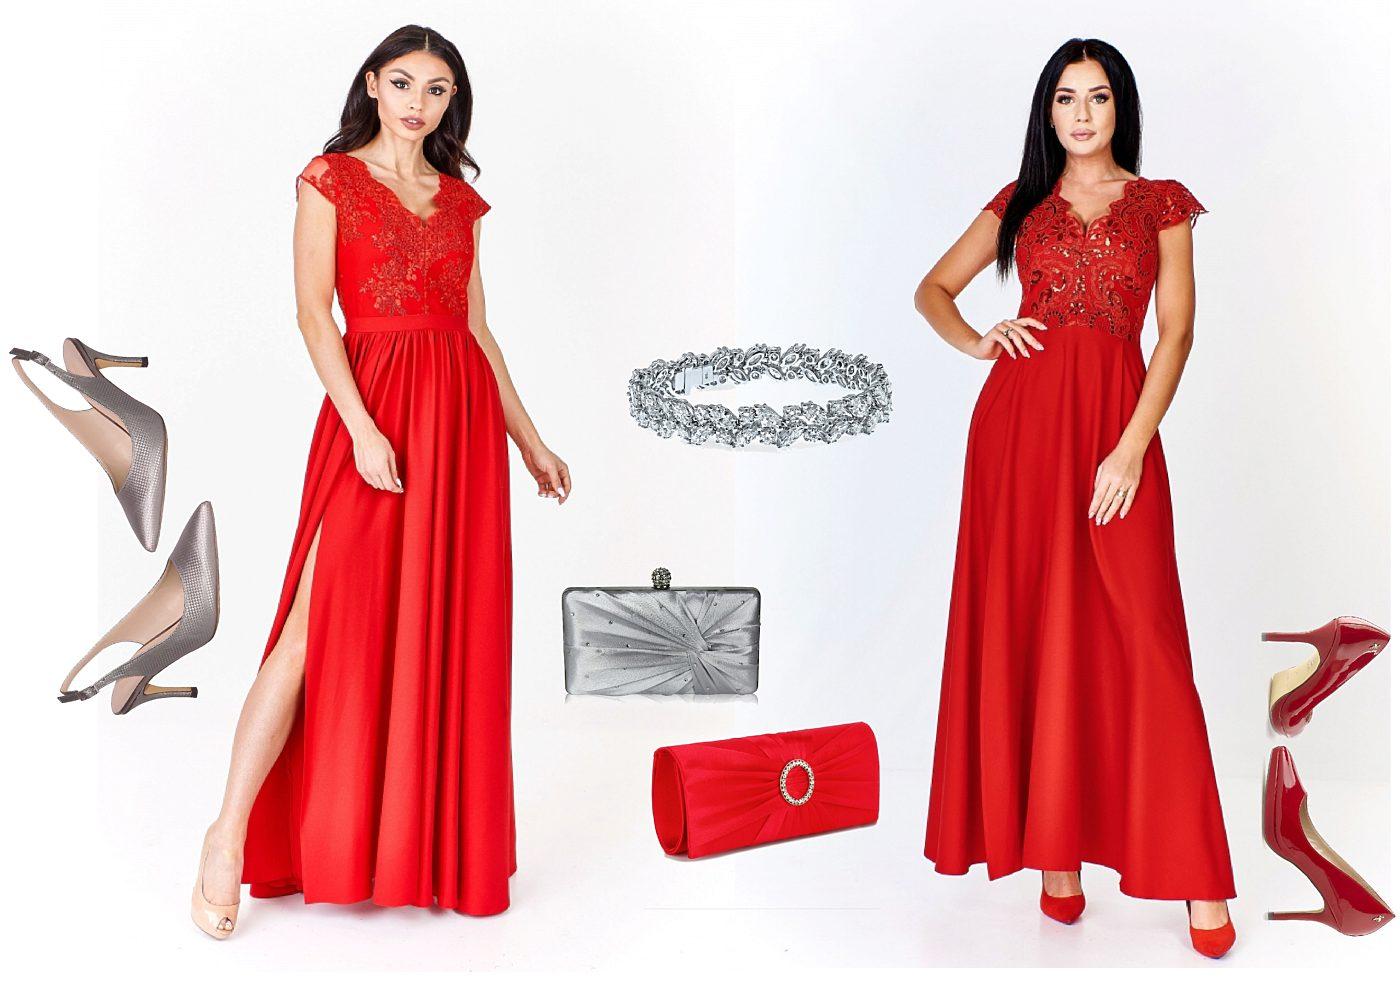 ab553307cf3 Červené společenské šaty s rozparkem Bosca Fashion Amma Bosca ...